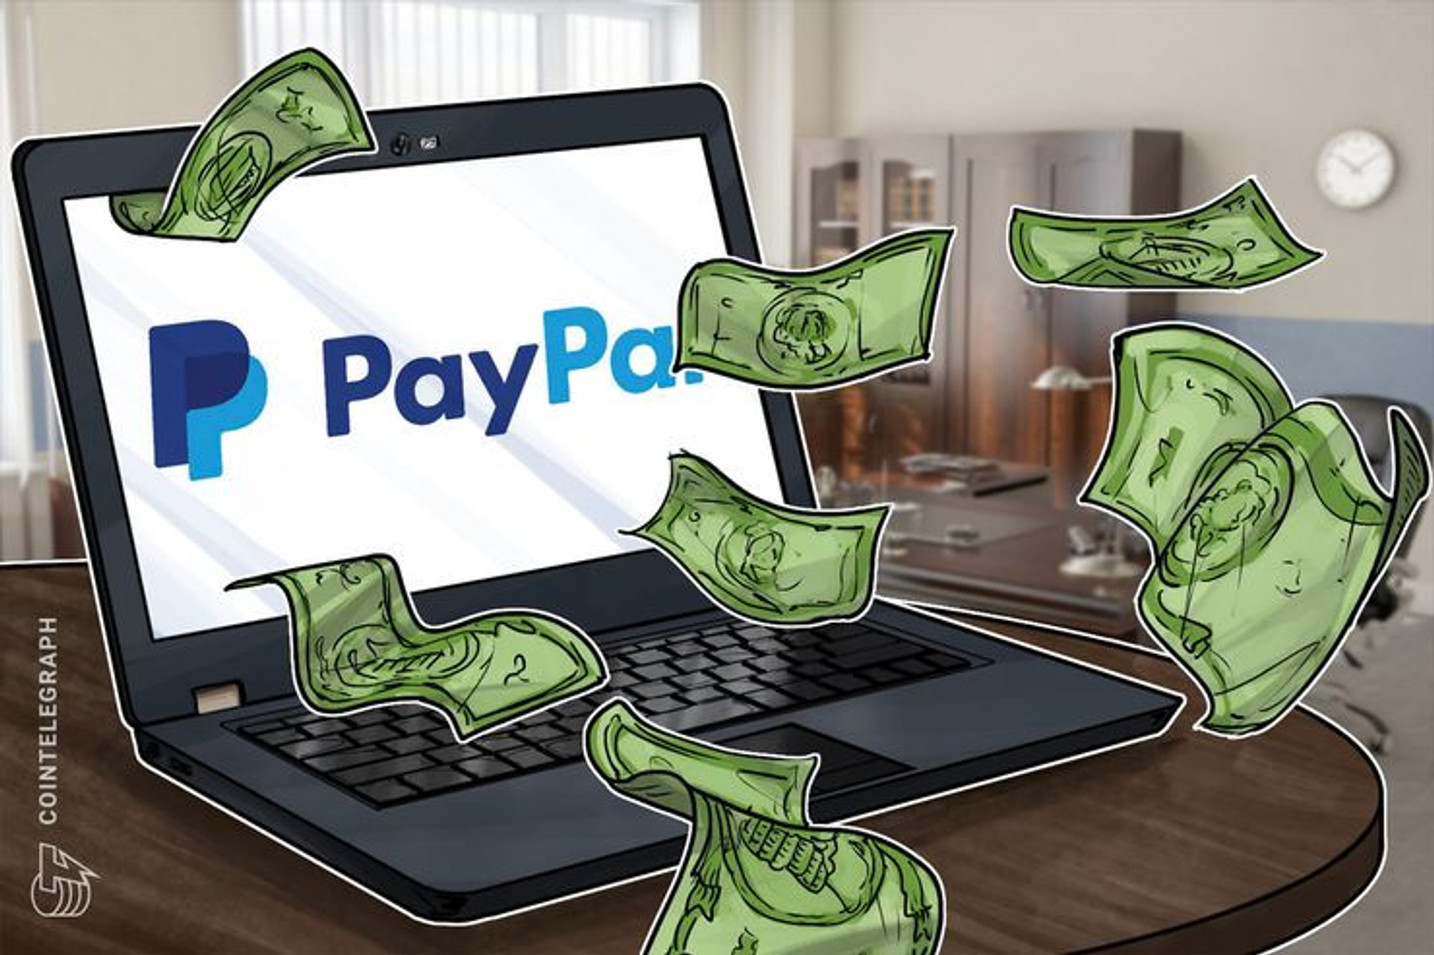 La explosiva relación entre los rumores y Bitcoin. ¿Puede PayPal ser el detonante que necesitamos?